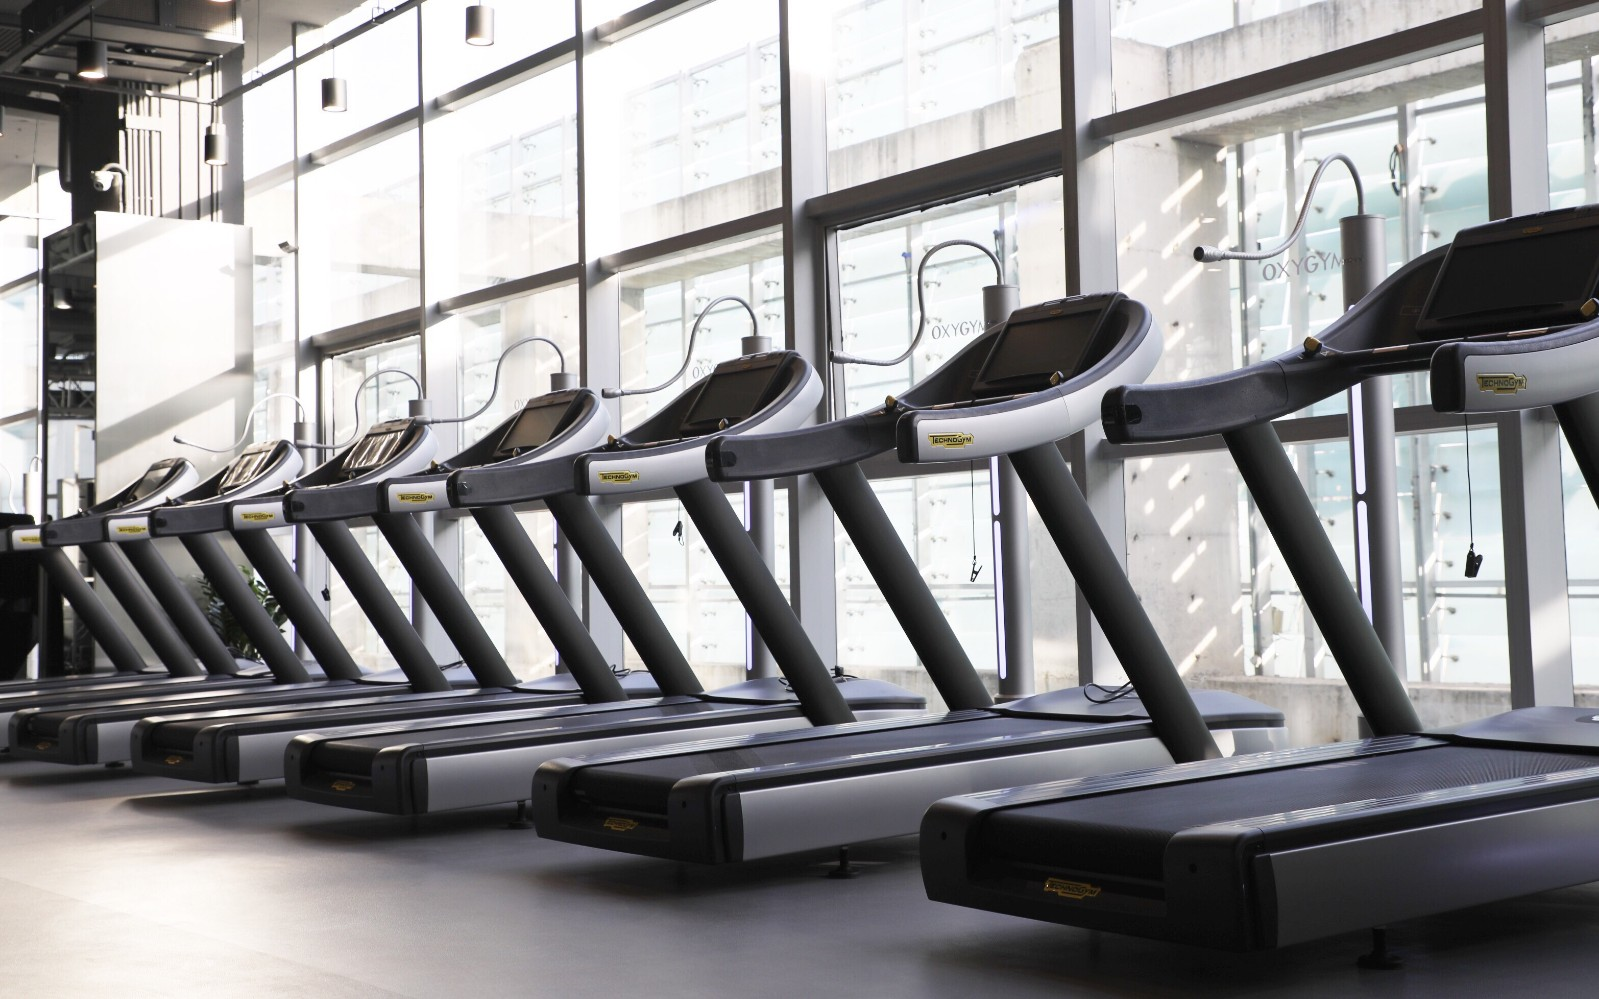 科技驱动健身,OXYGYM奥美氧舱运动中心技术升级开新店